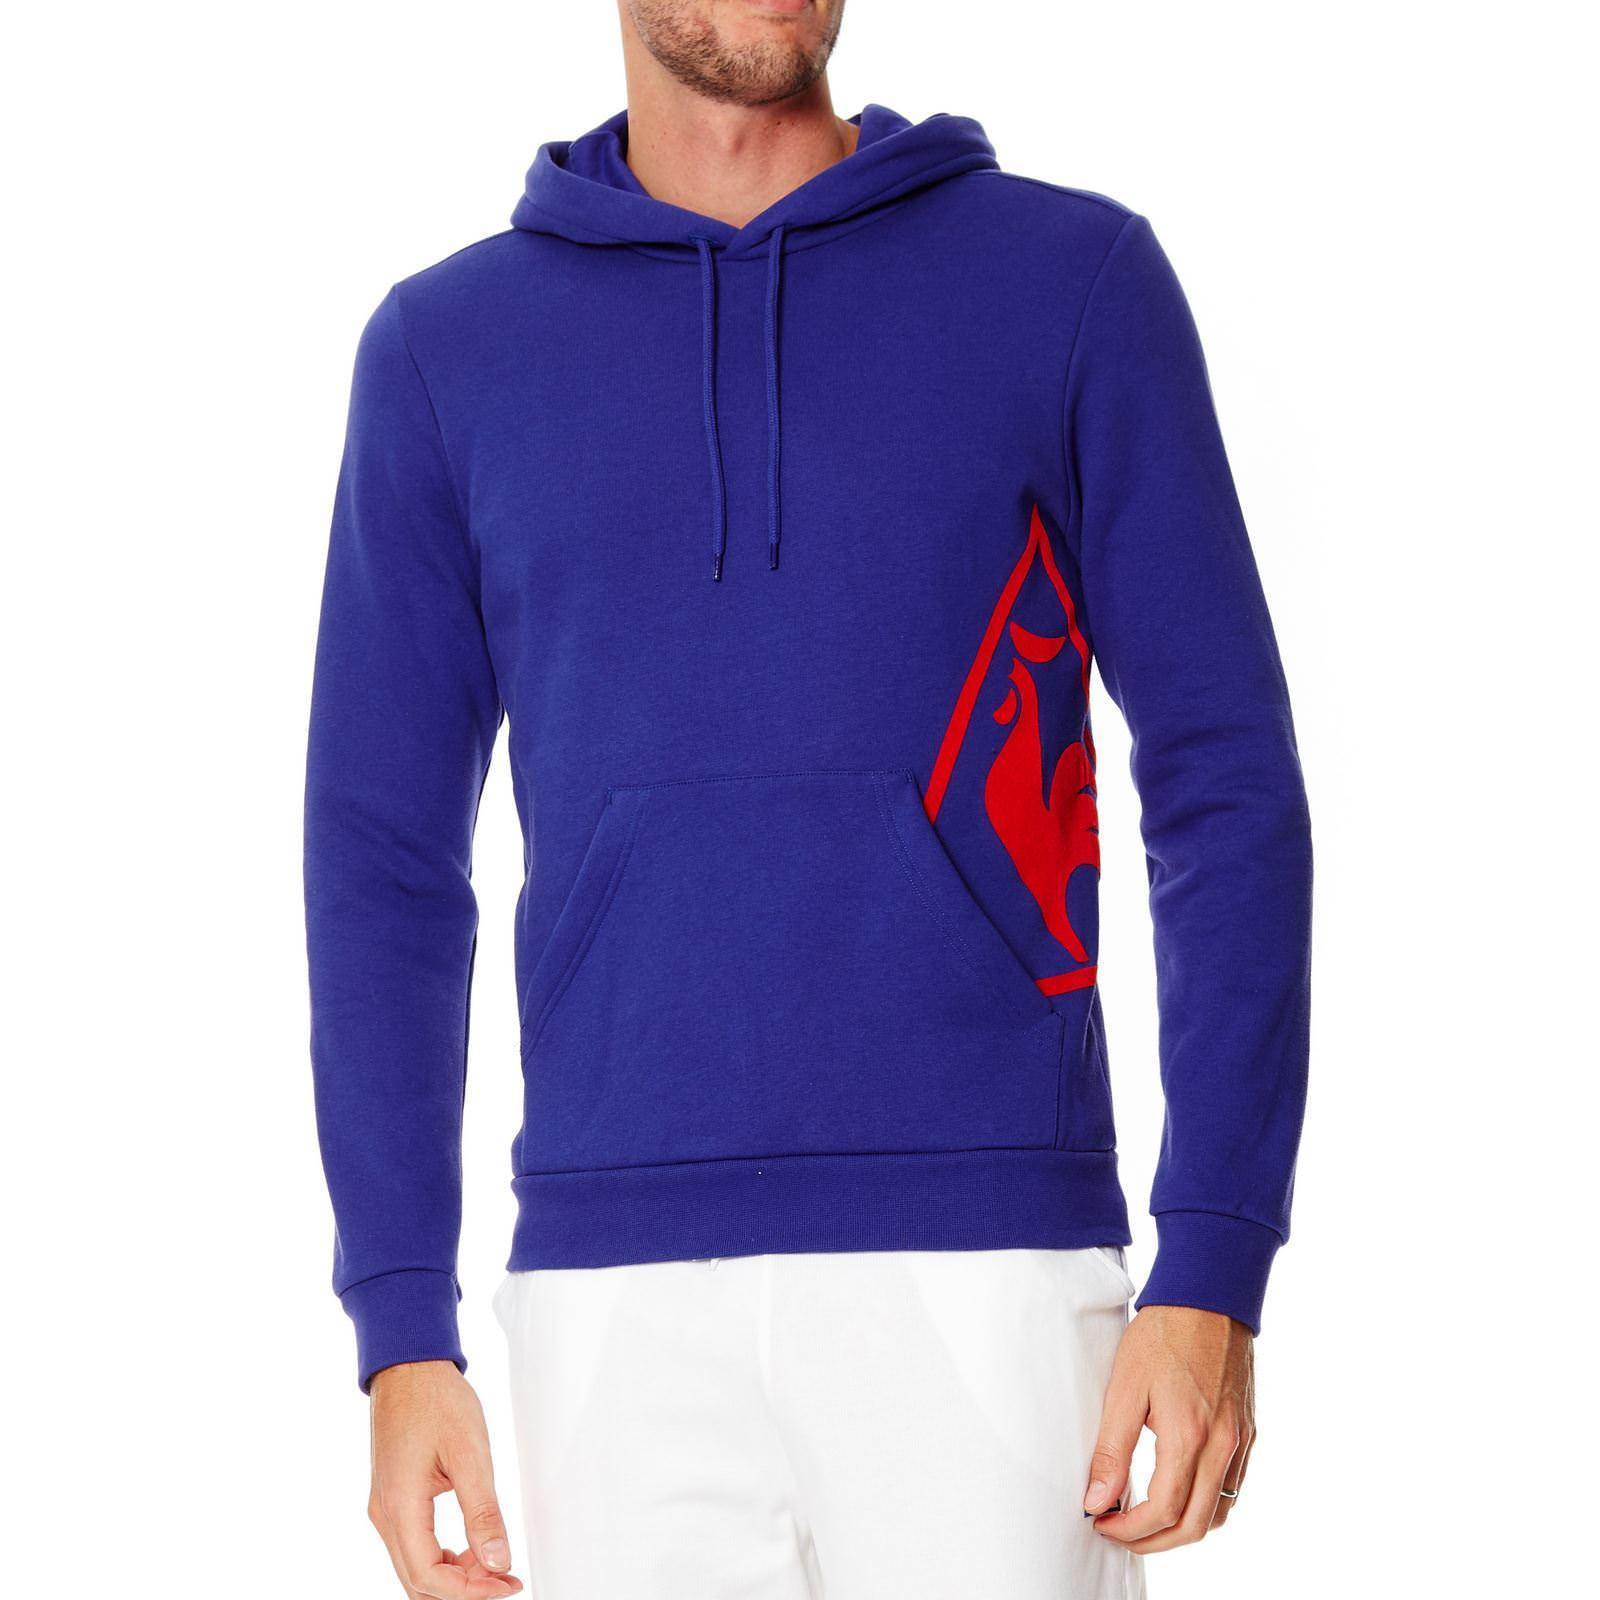 Sweat-shirt Le coq sportif - Bleu/Rouge (via 0.9€ fidélité Leclerc)